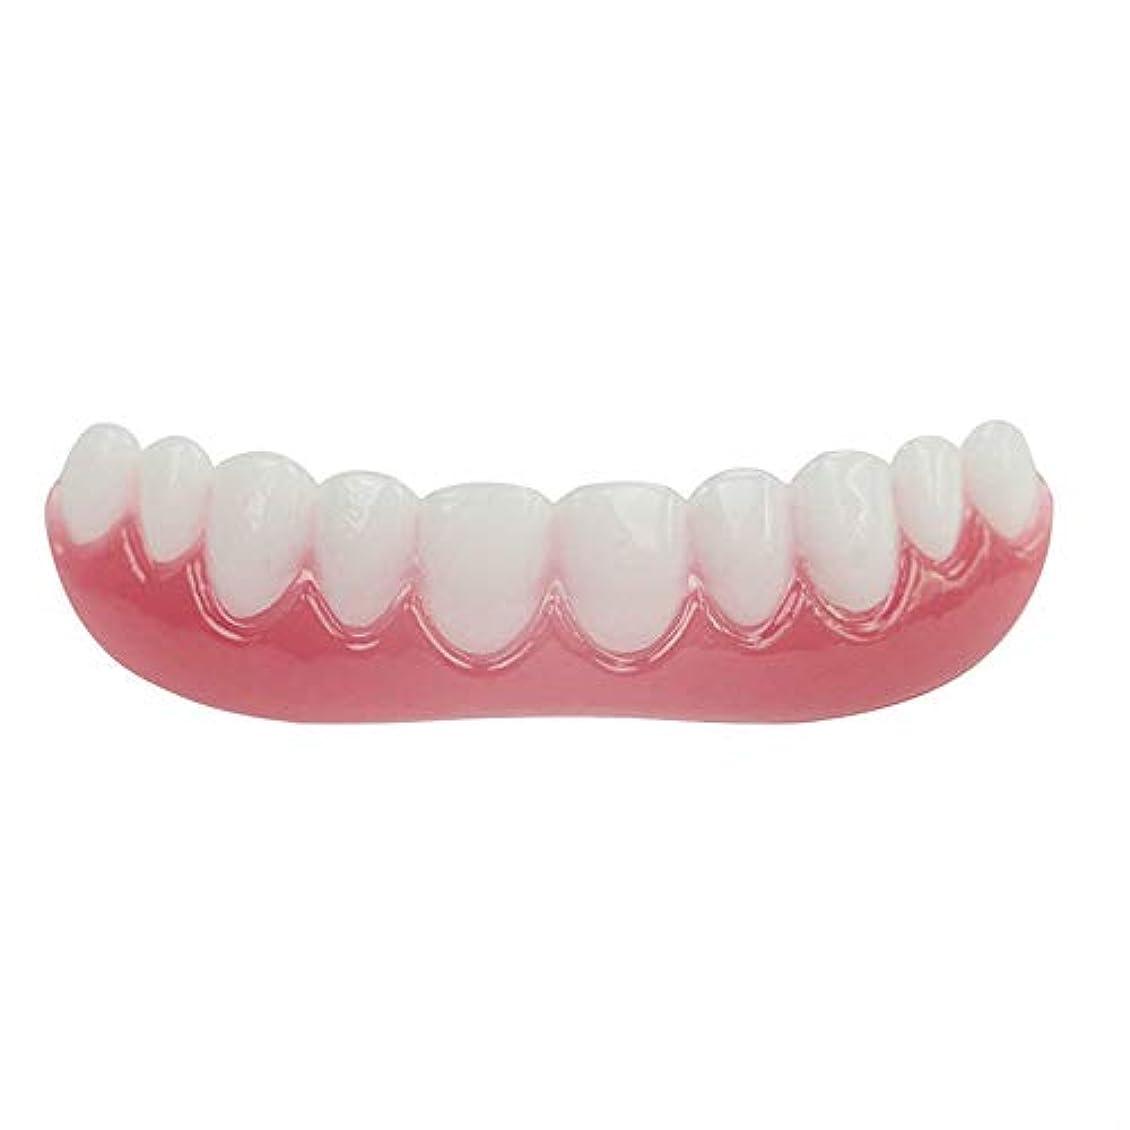 めったにリマ触手シリコーンシミュレーション義歯、歯科用ベニヤホワイトトゥースセット(3個),Colorbox,Lower